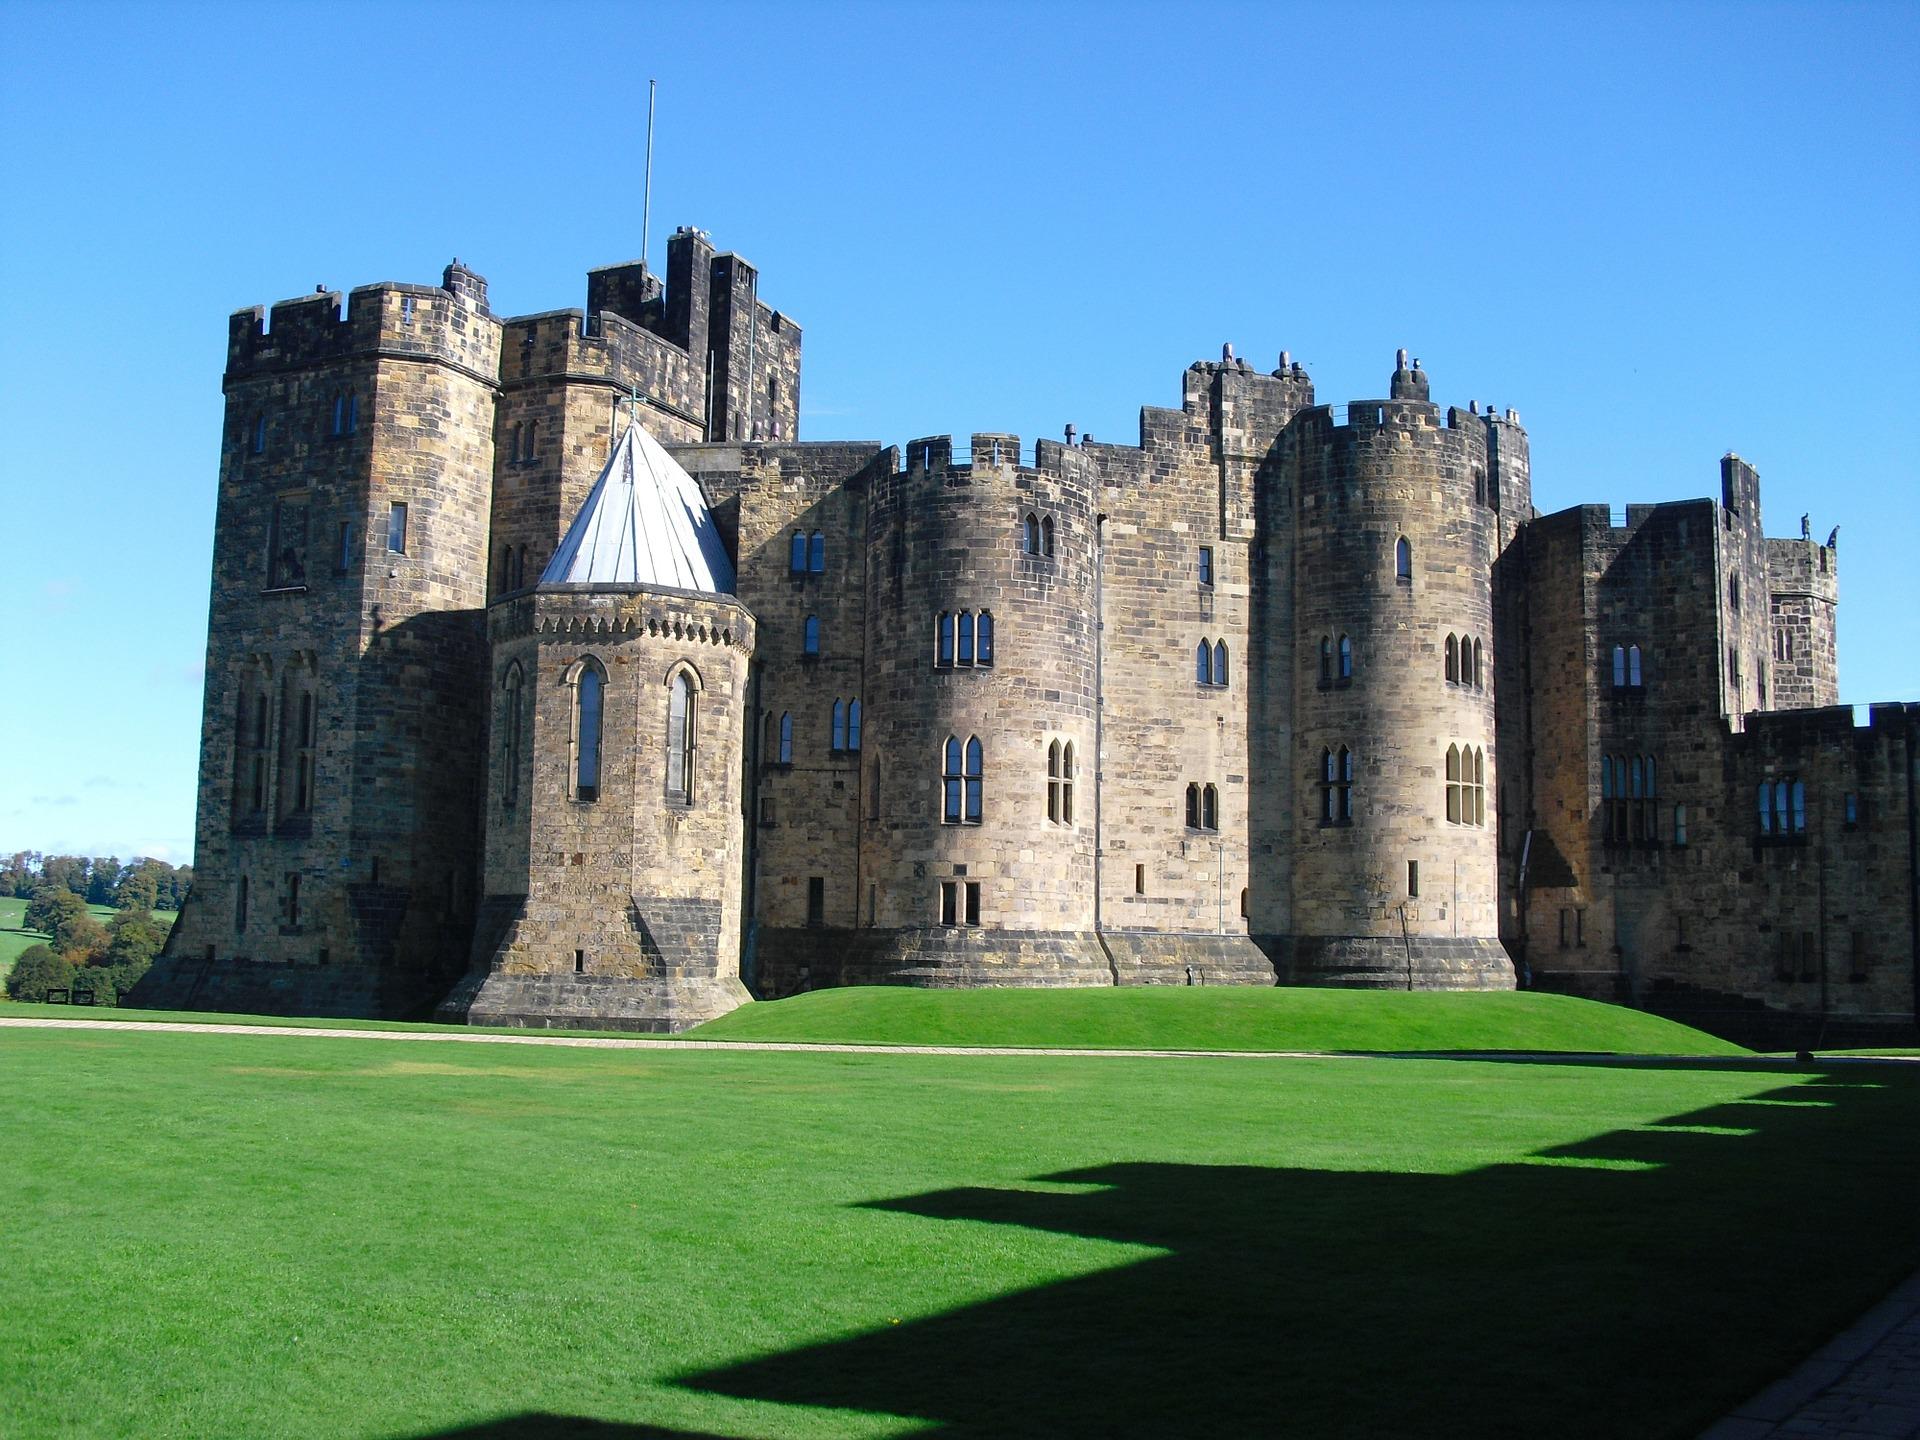 نمایی از قلعه ای در انگلیس